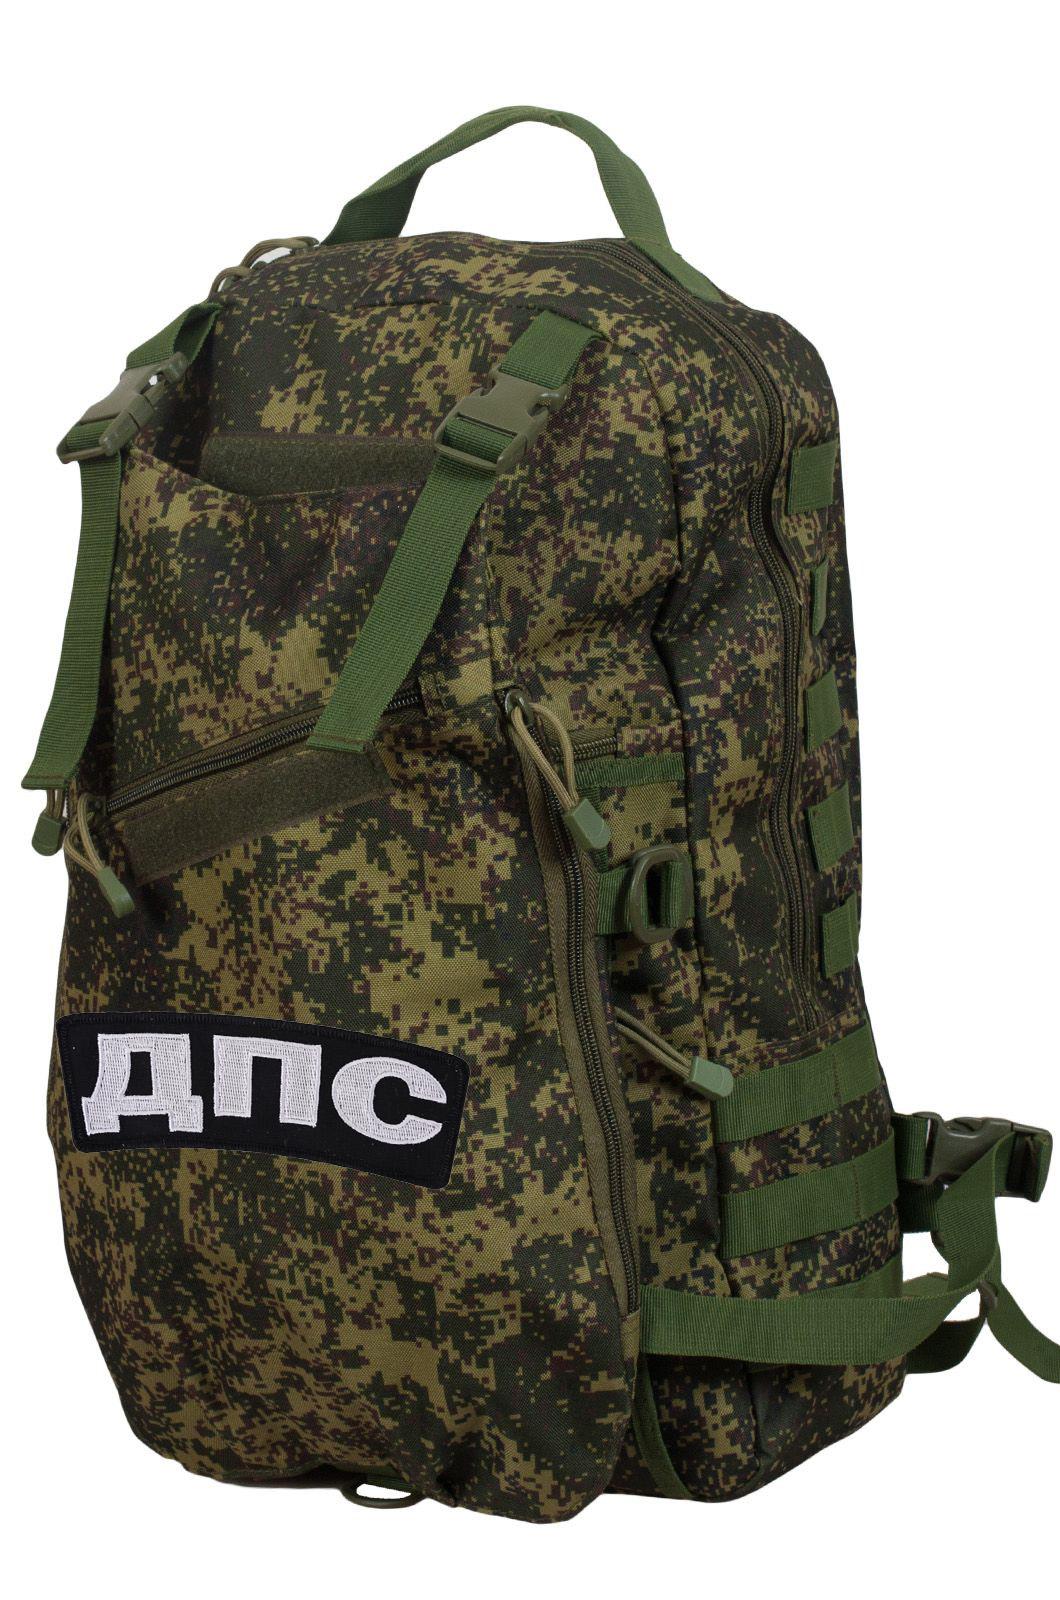 Камуфляжный армейский рюкзак с нашивкой ДПС - заказать онлайн